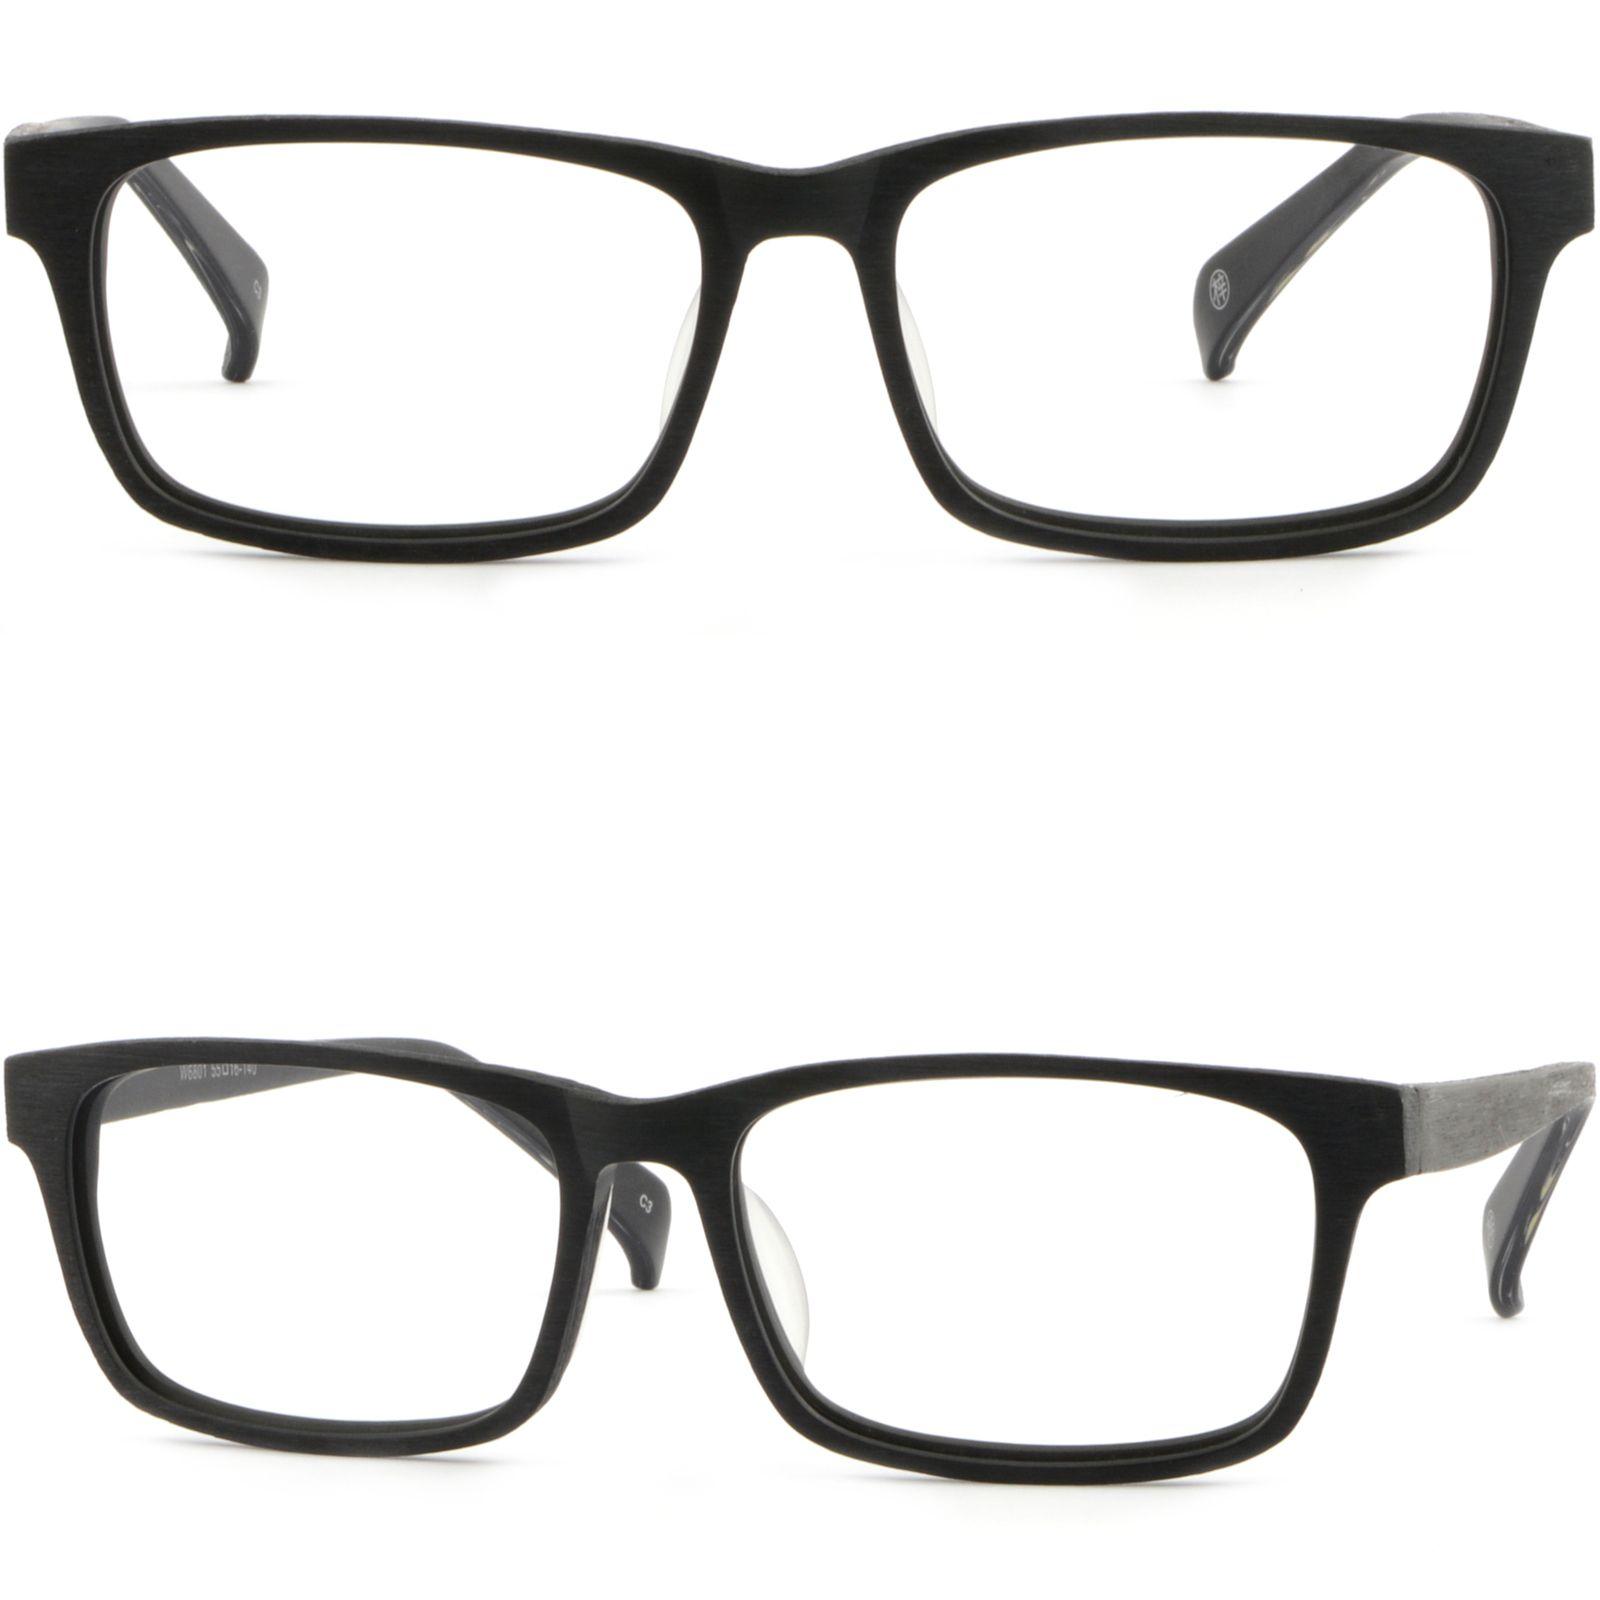 e02c0cfbdd Rectangular Men Women Wood Grain Brushed Acetate Plastic Frames RX Glasses  Black Buy Frames Designer Eyeglasses Frames From Aceglasses